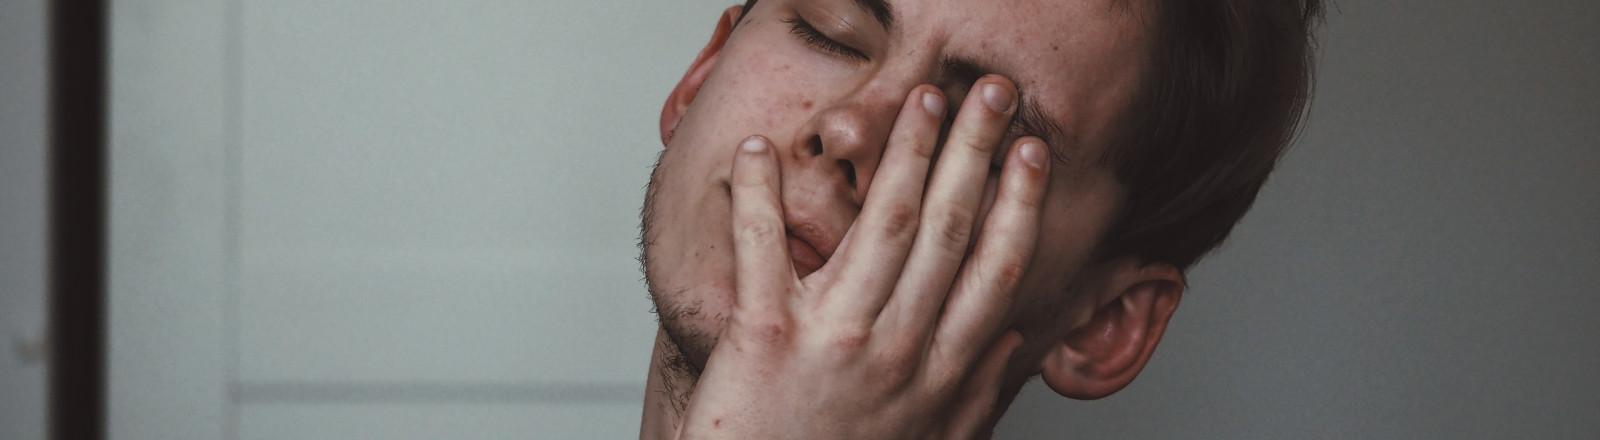 Mann fasst sich enttäuscht mit der flachen Hand ins Gesicht.